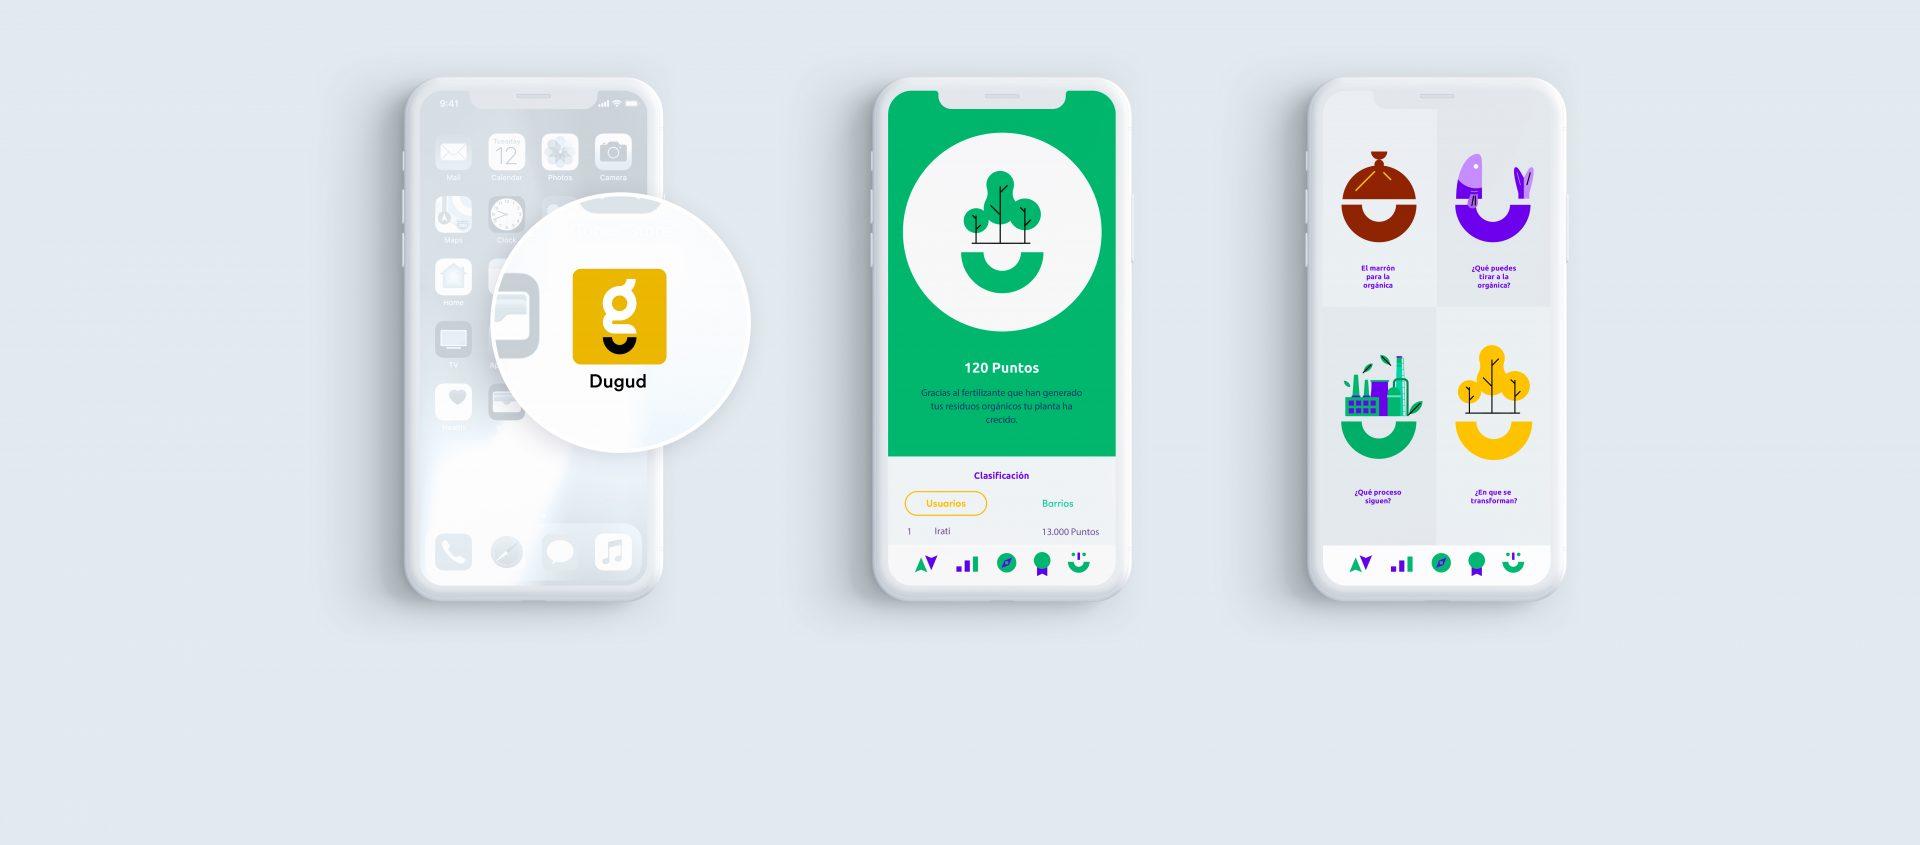 Imagen de 3 teléfonos móviles con la app Dugud